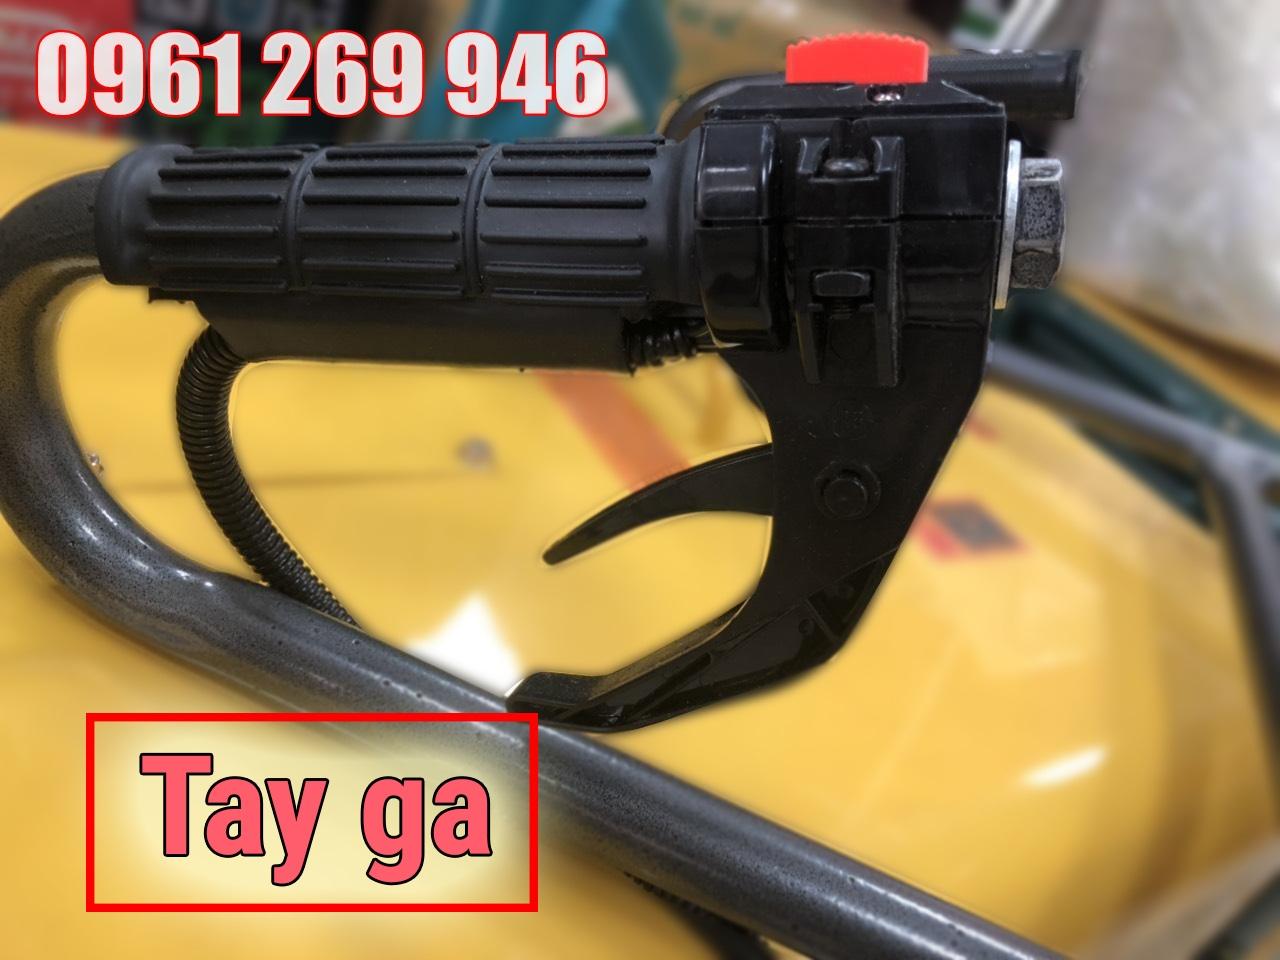 tay-ga-jpg.49850